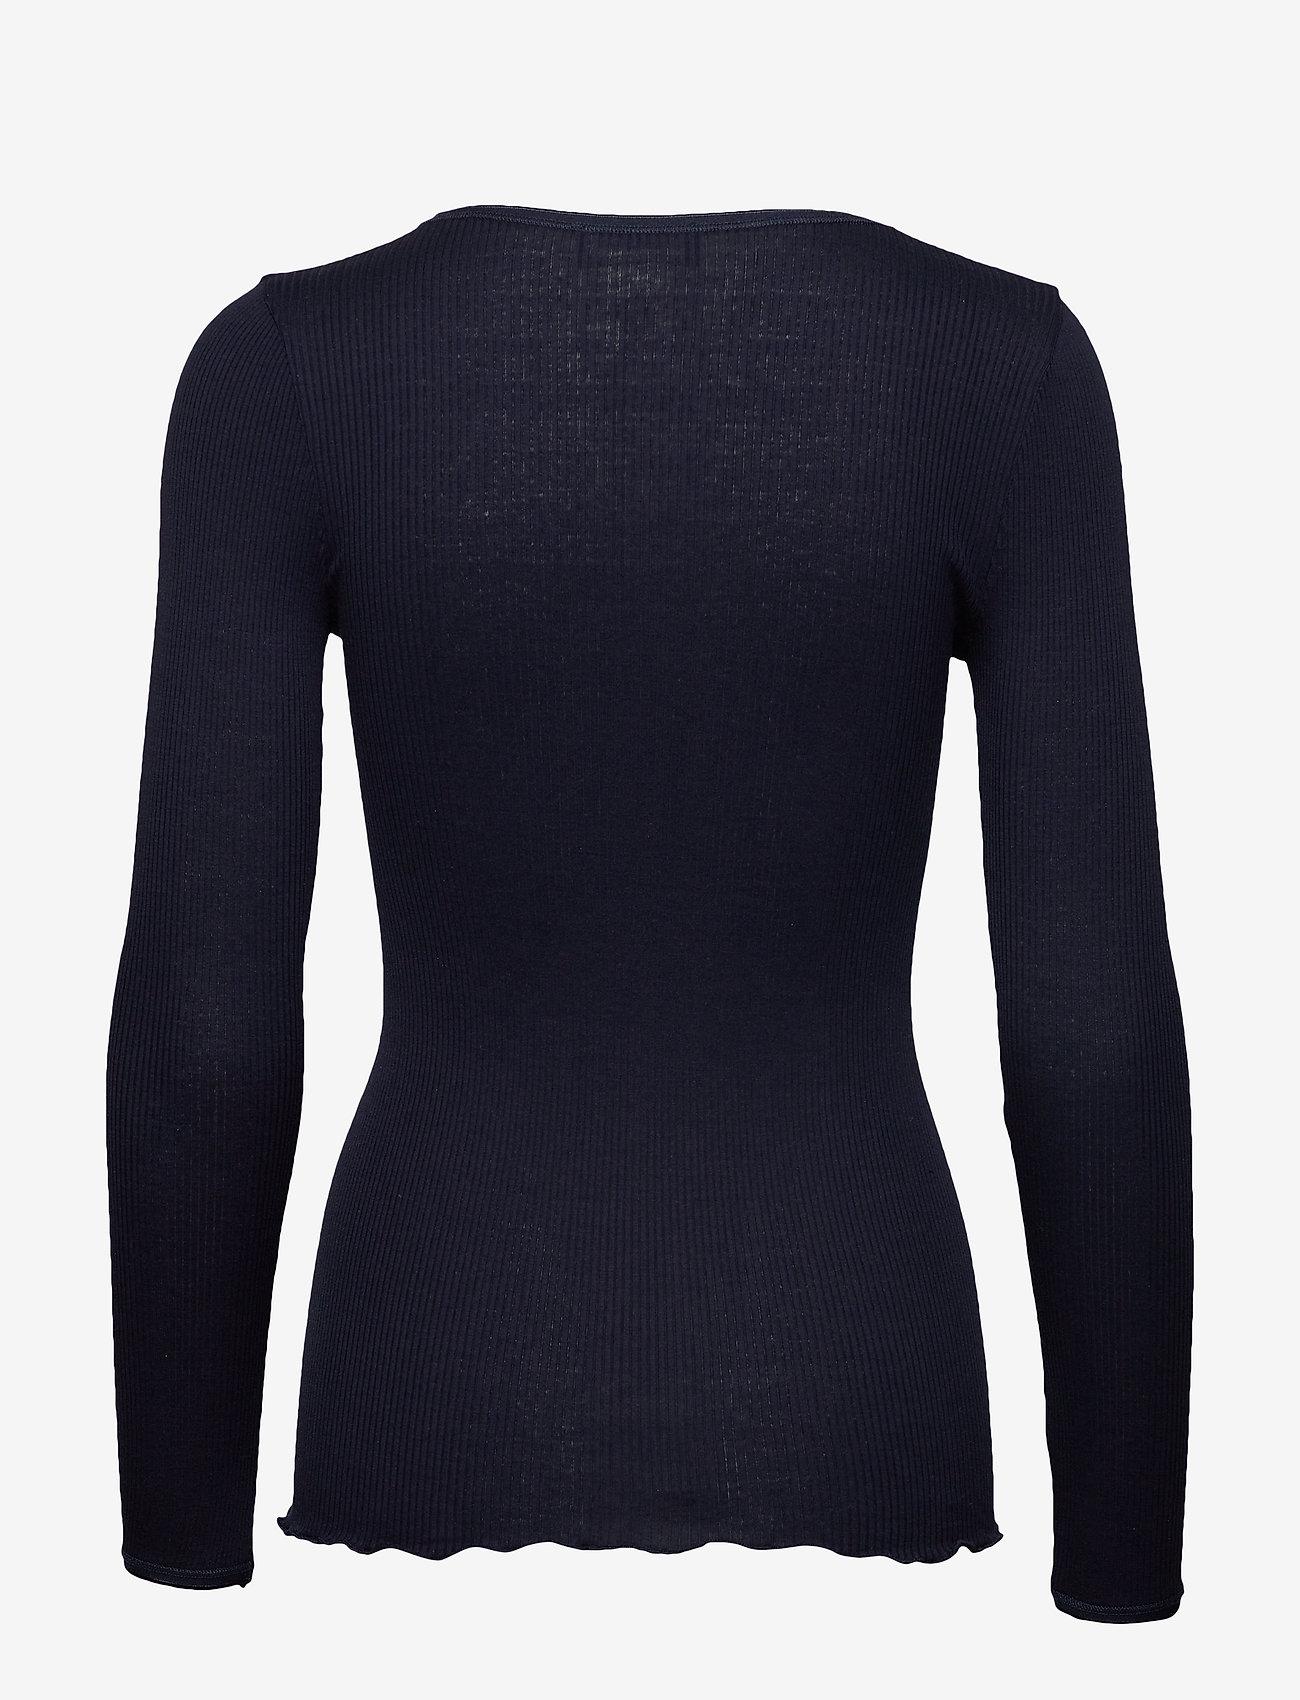 Rosemunde - Silk t-shirt w/ elastic band - långärmade toppar - navy - 1